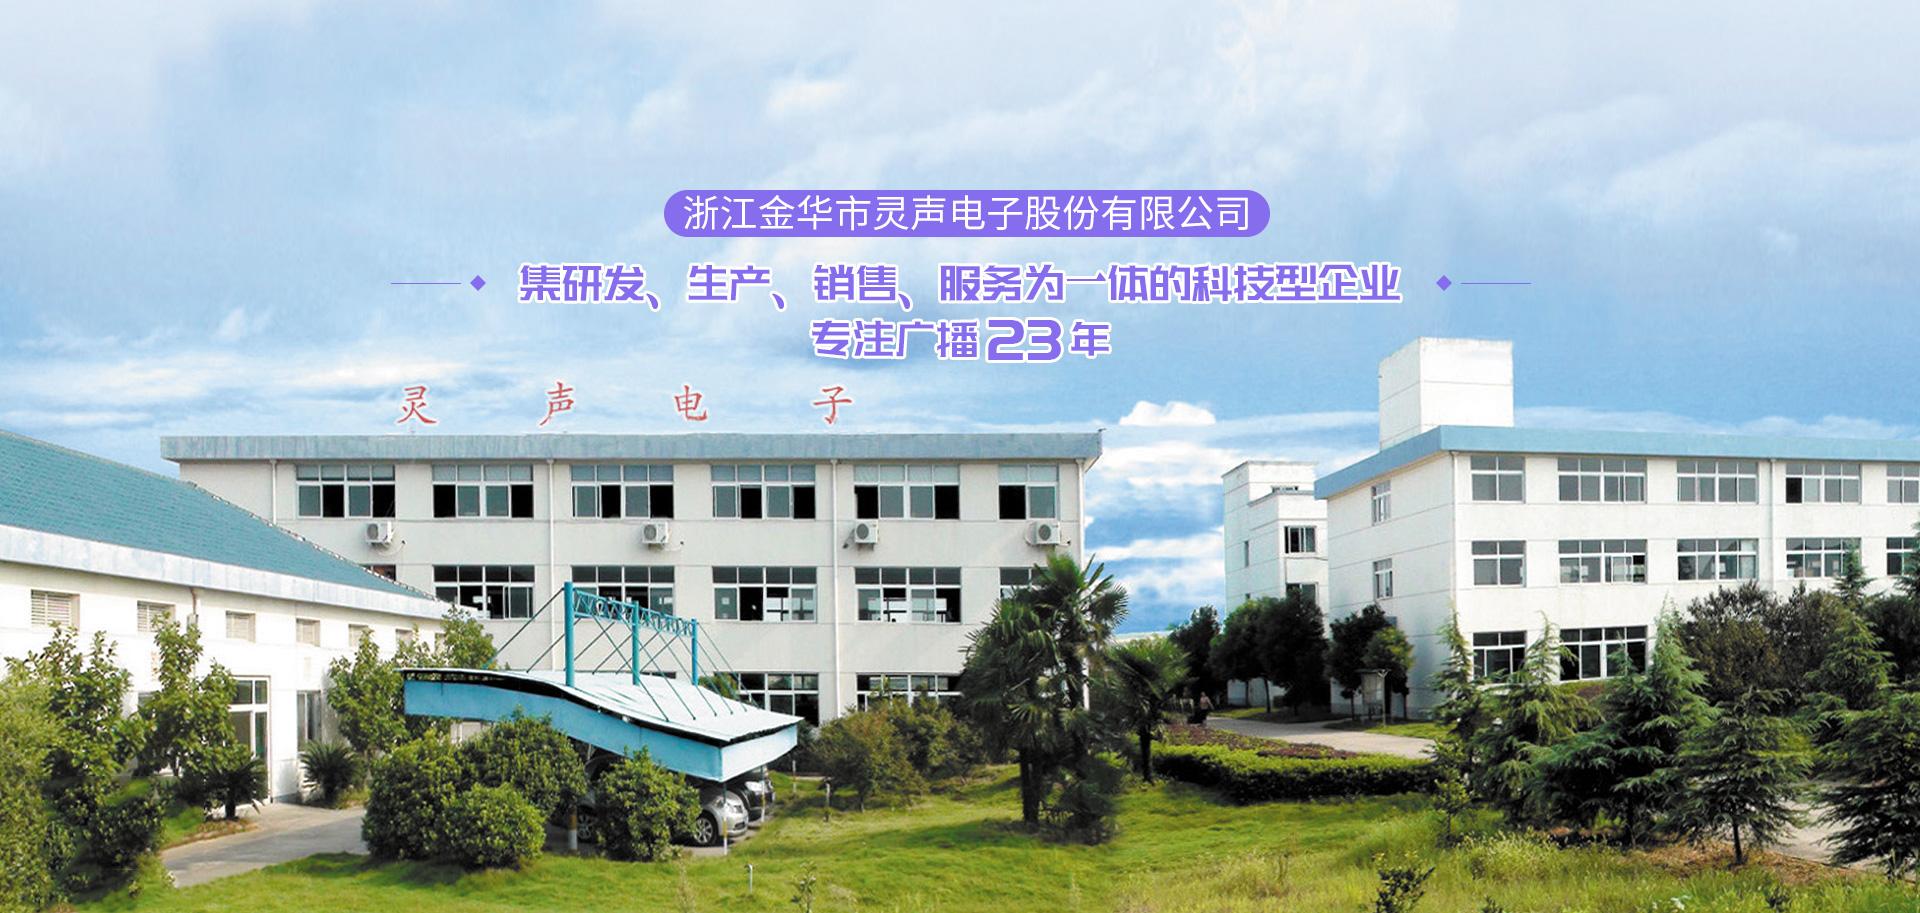 浙江金華市靈聲電子股份有限公司